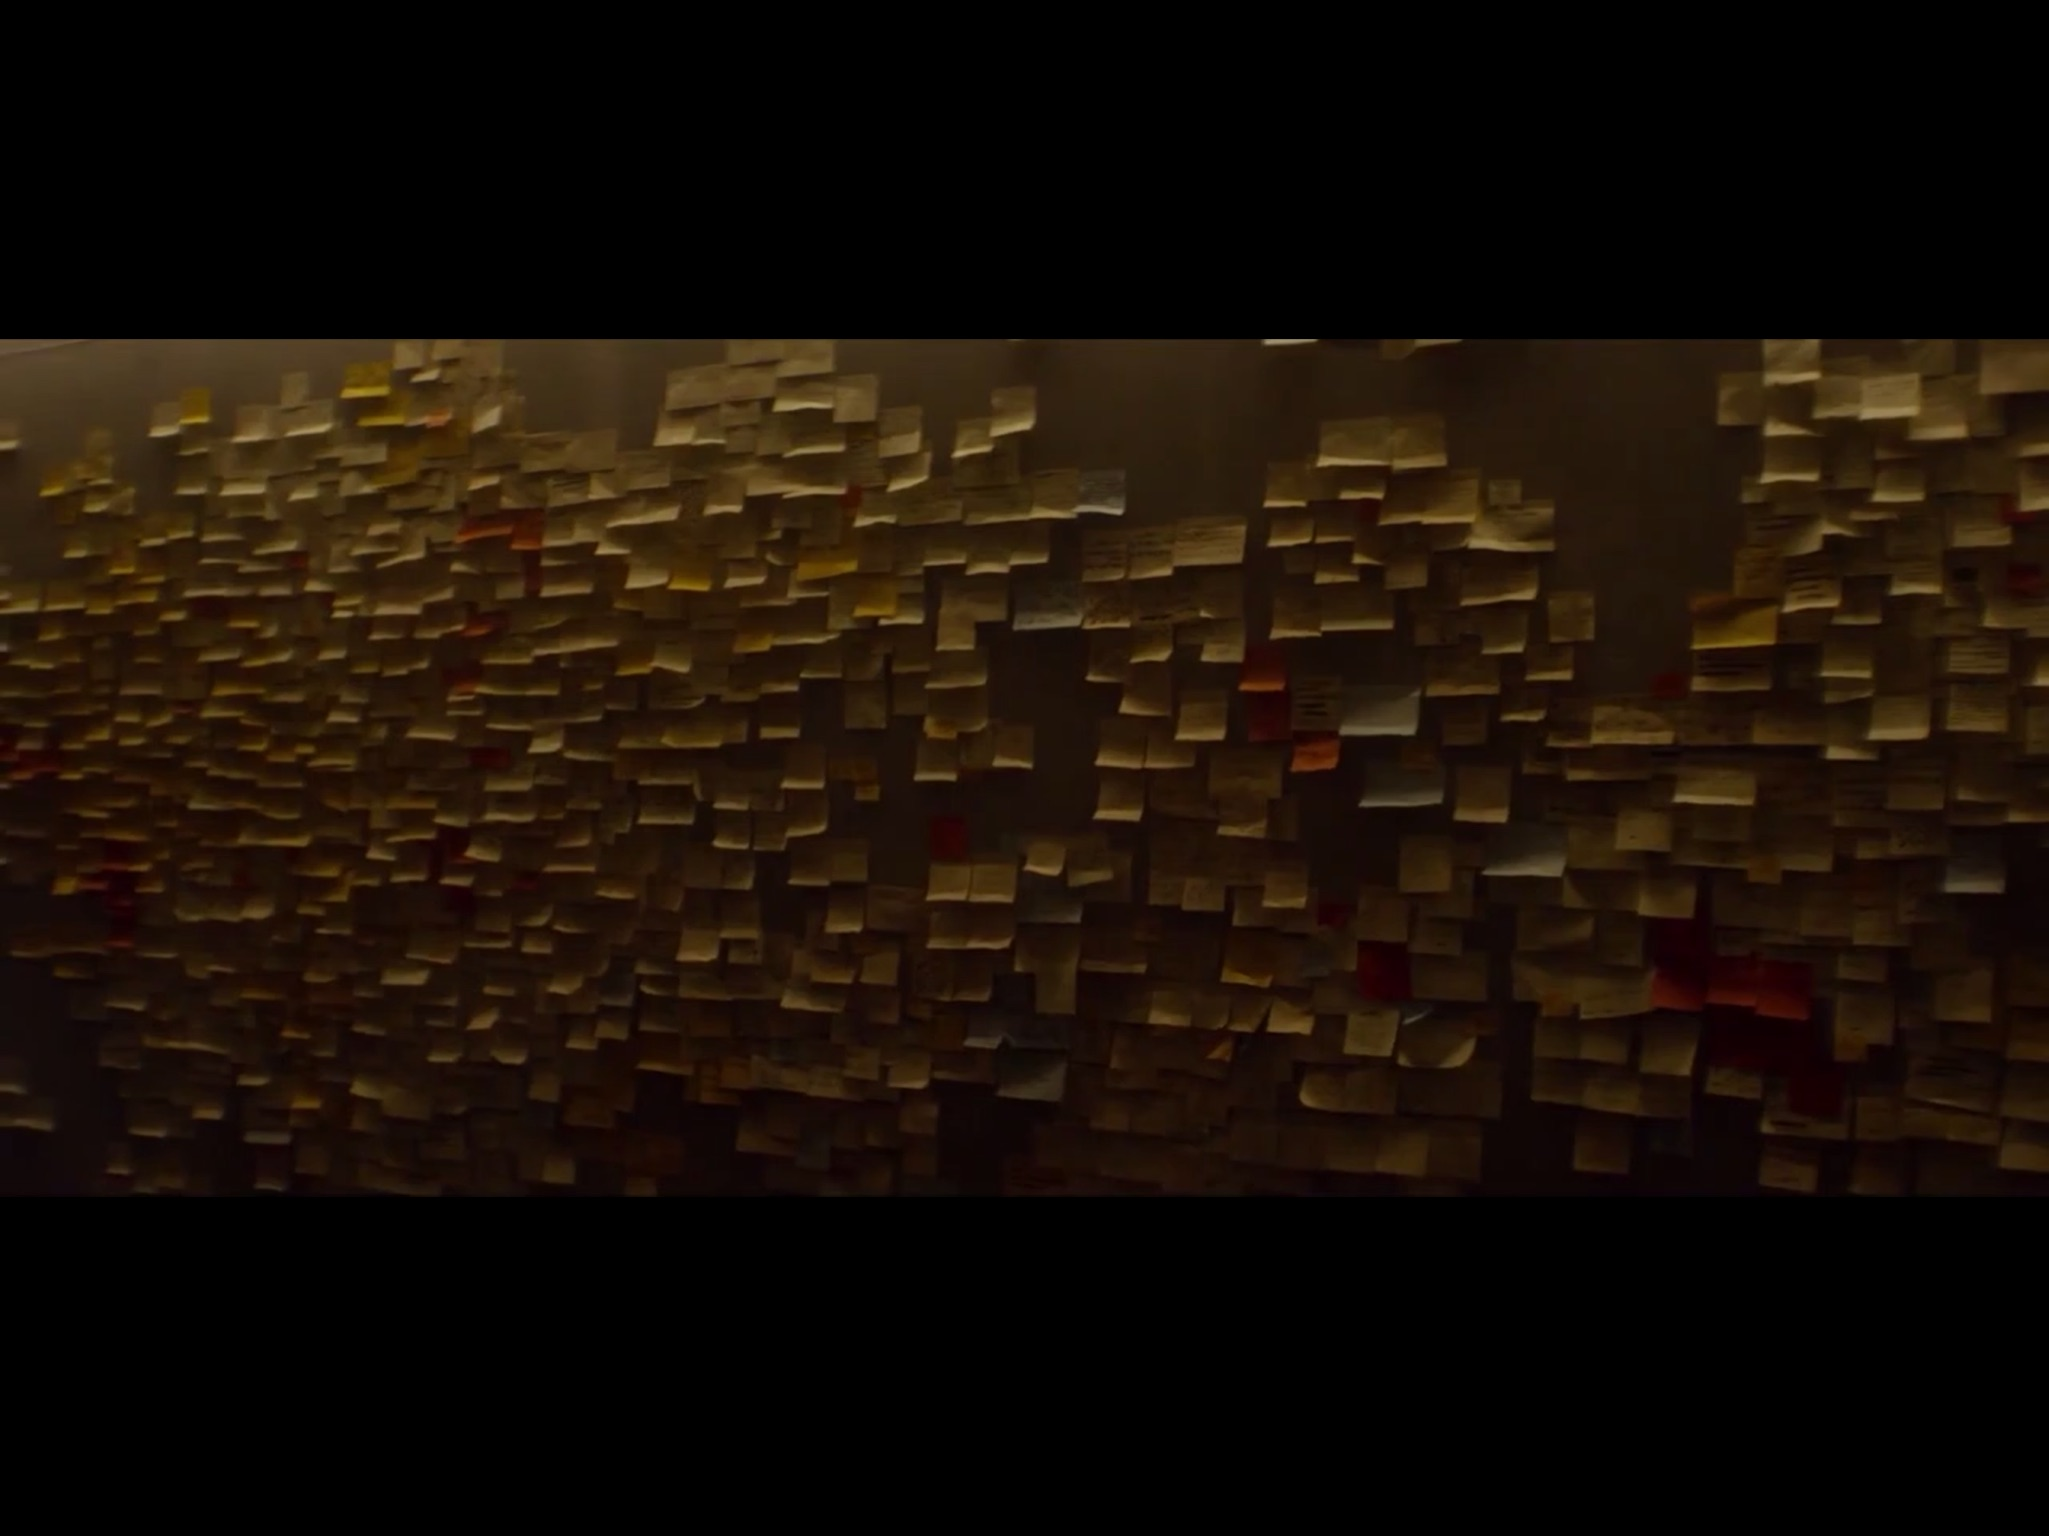 ex-machina-movie-screenshot-8.JPG